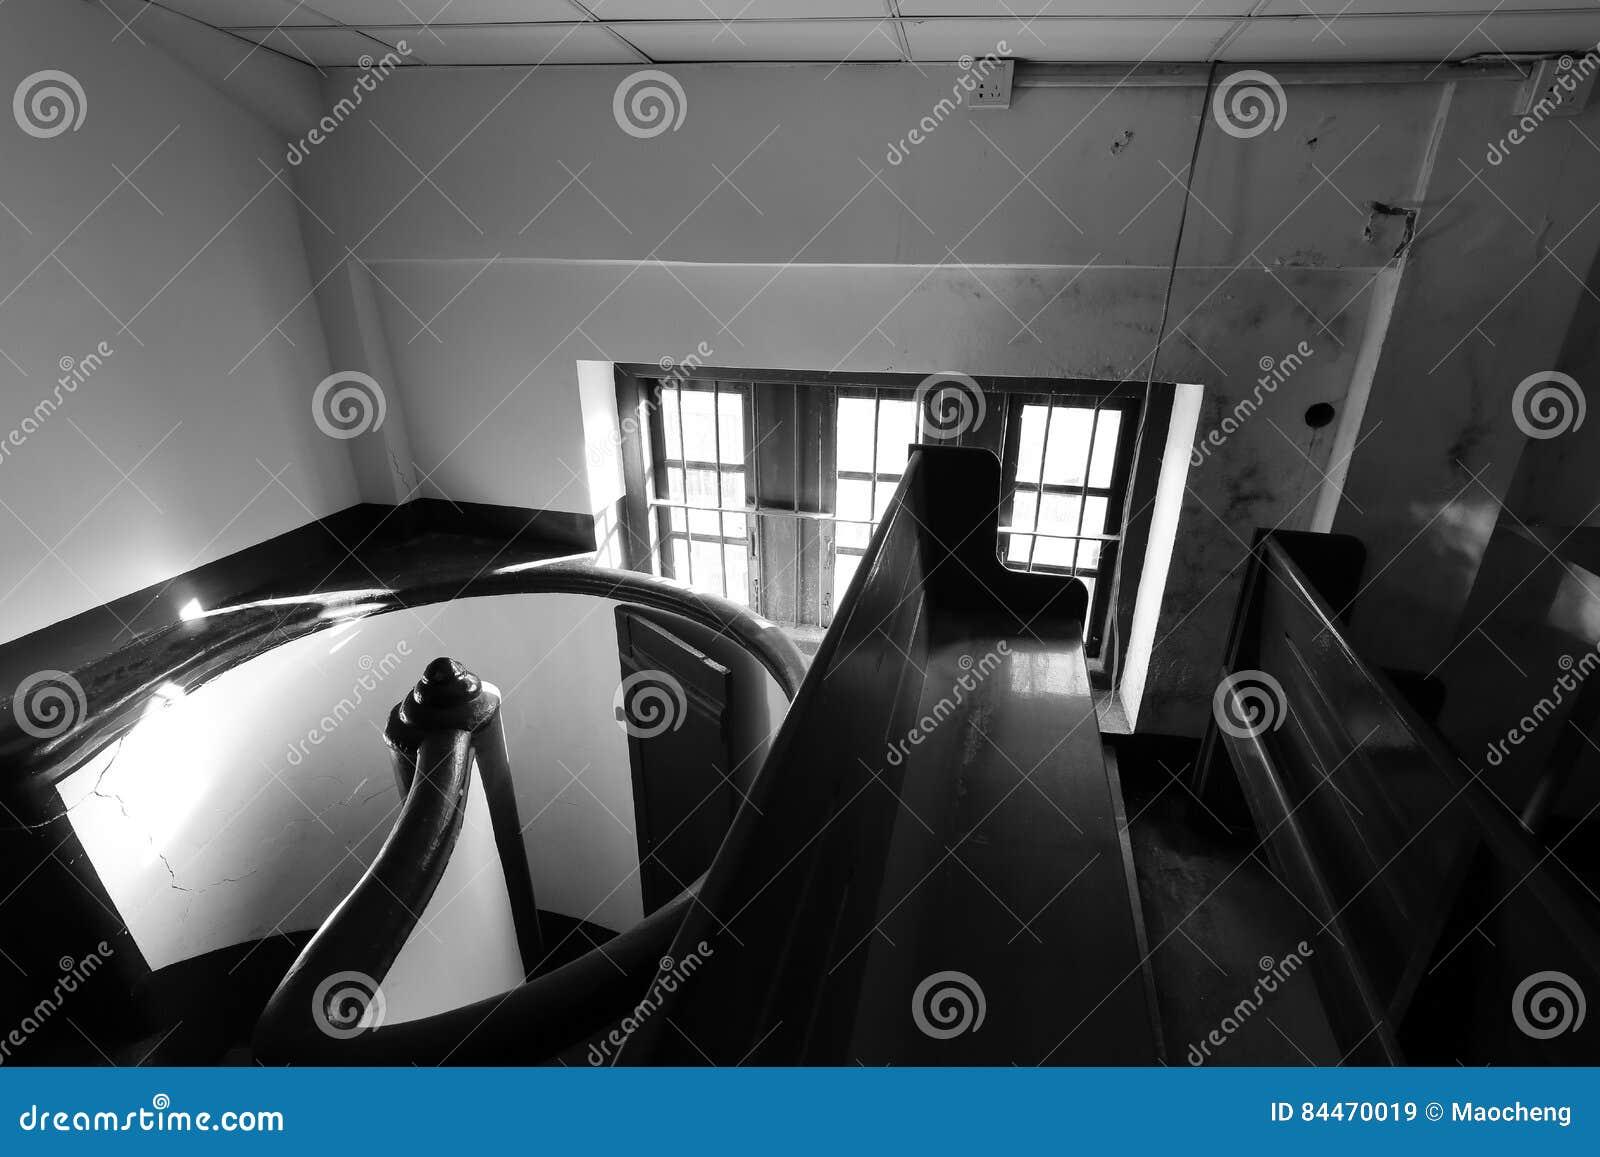 Sótão pequeno do estilo europeu com imagem preto e branco de giro das escadas